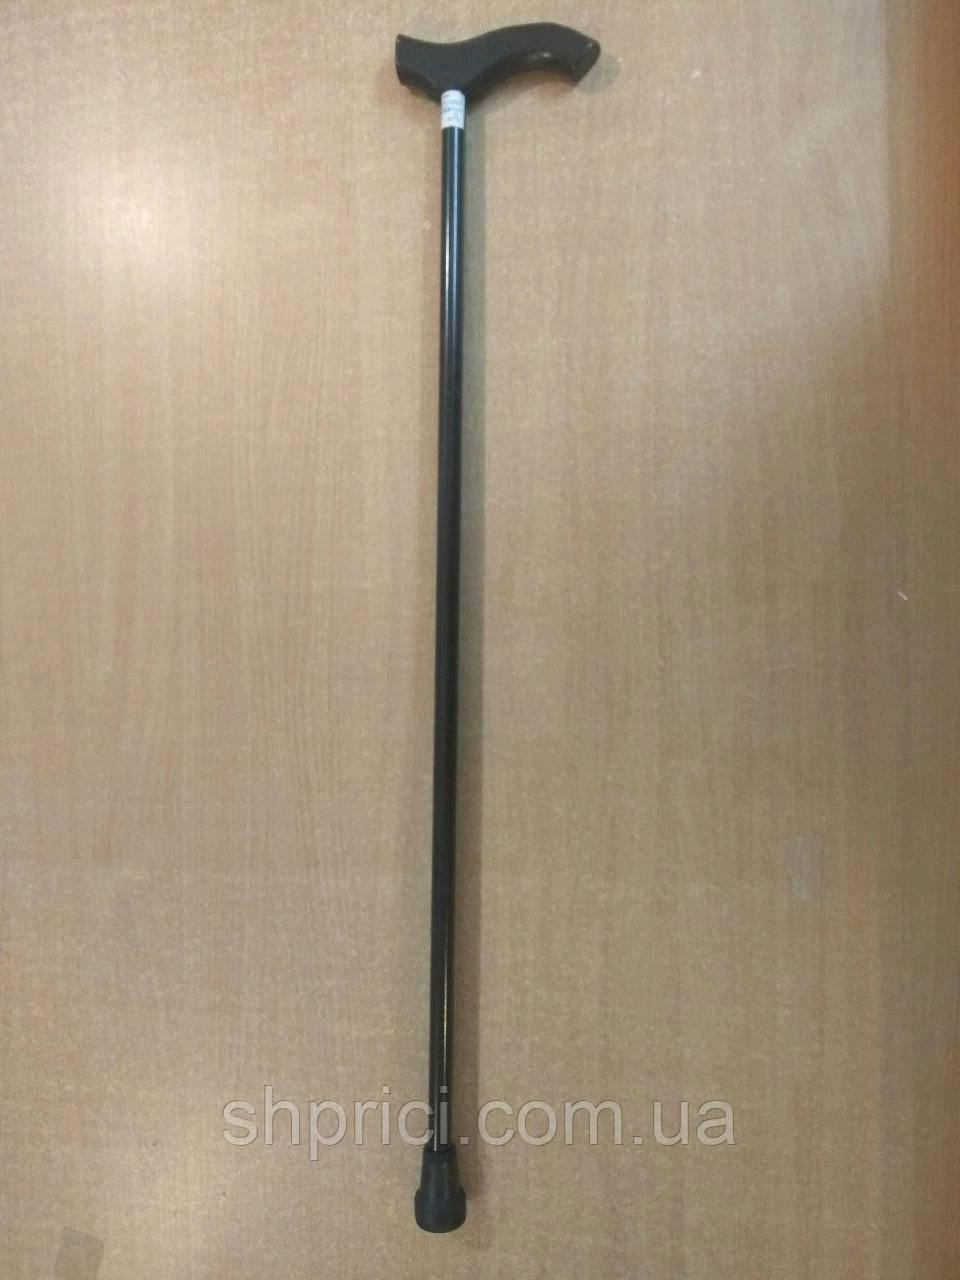 Трость опорная металлическая с деревянной ручкой/ Рыпор